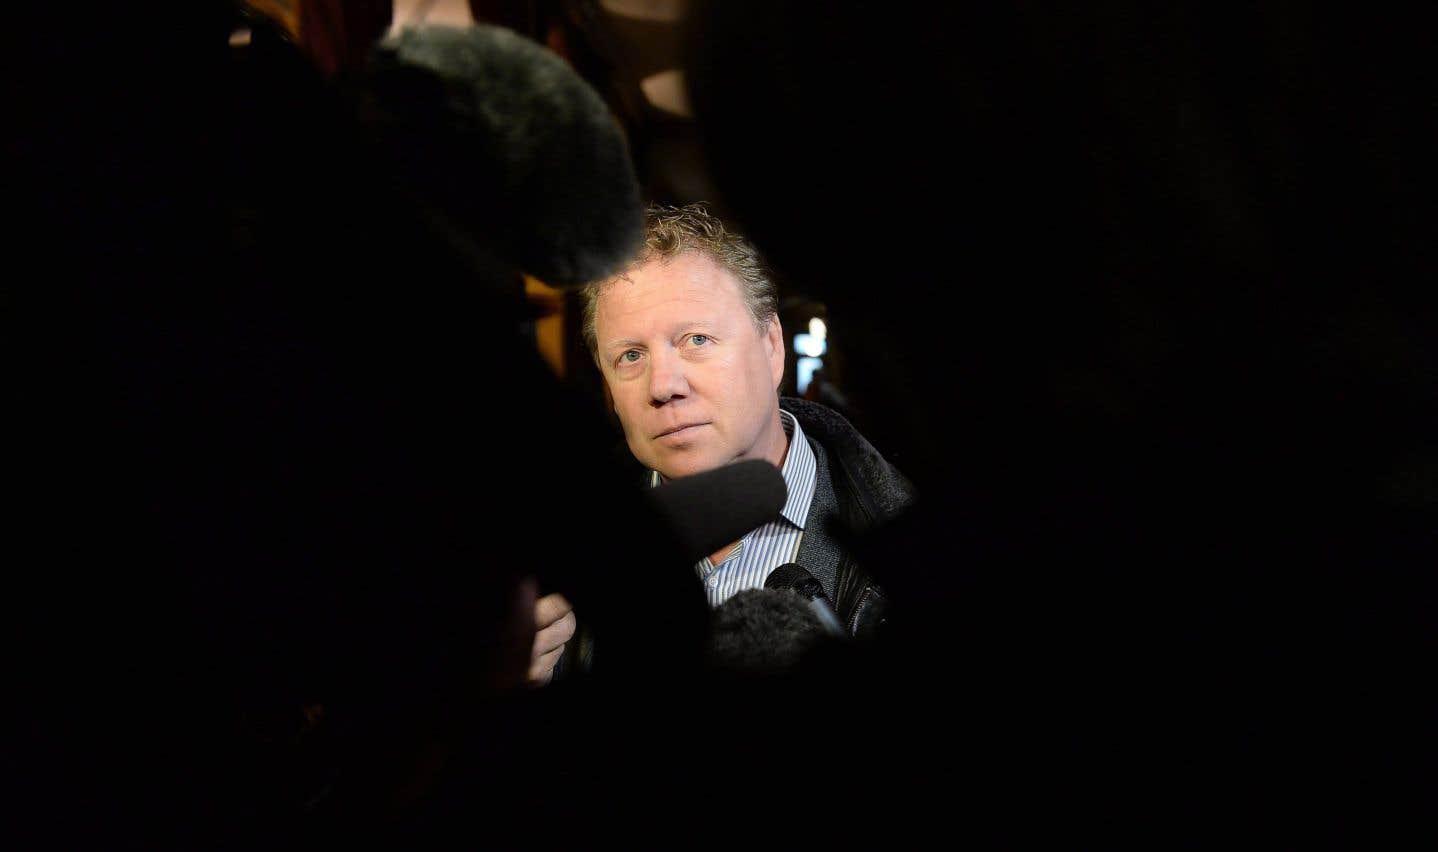 Du côté du Parti conservateur, l'enquête concernant Rick Dykstra (notre photo) se fait toujours attendre.